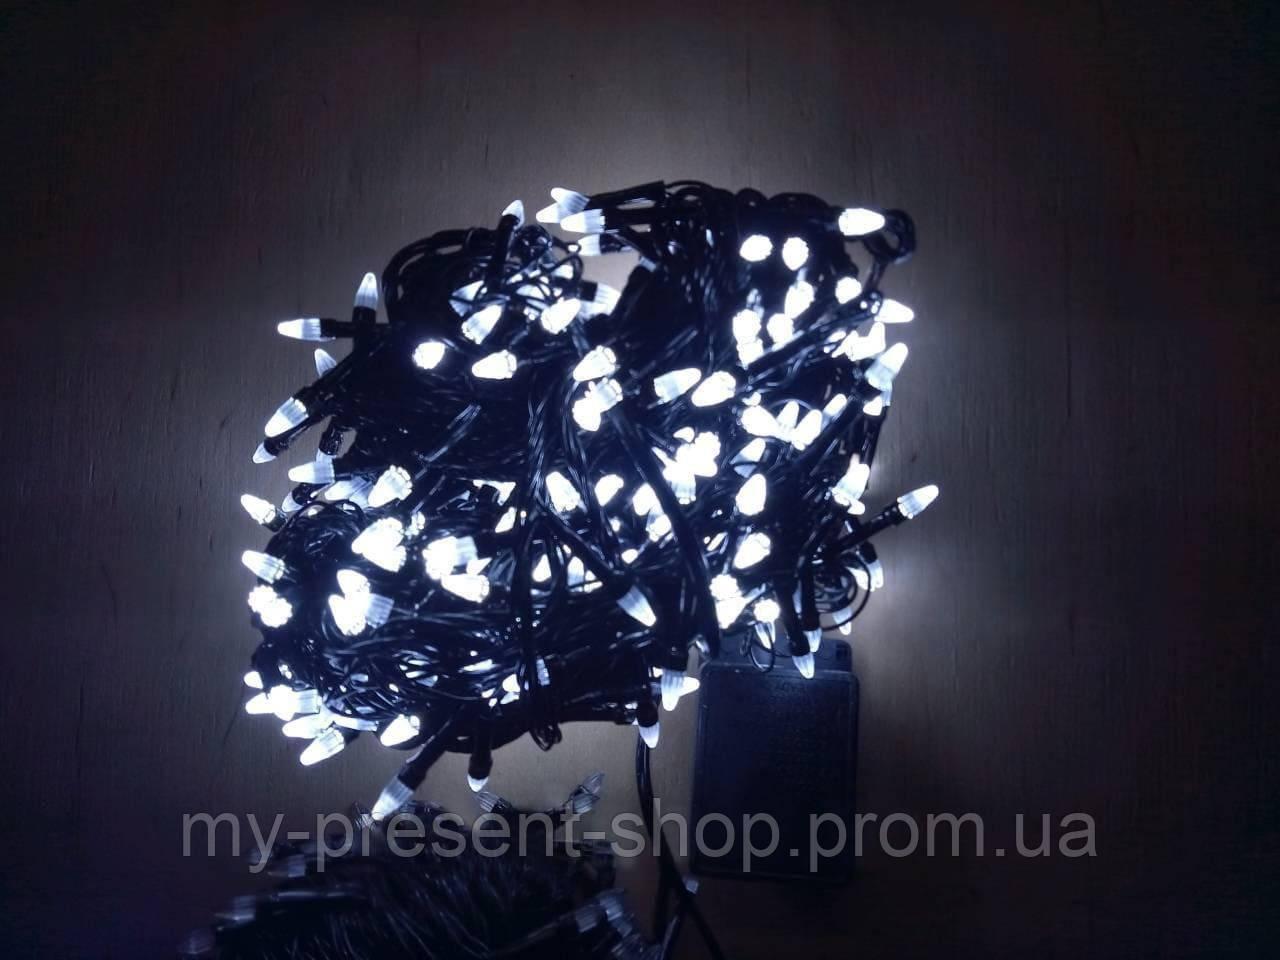 Новогодние светодиодные гирлянды и лампы Новогодняя светодиодная гирлянда КОНУС 300LED 19,5м белый